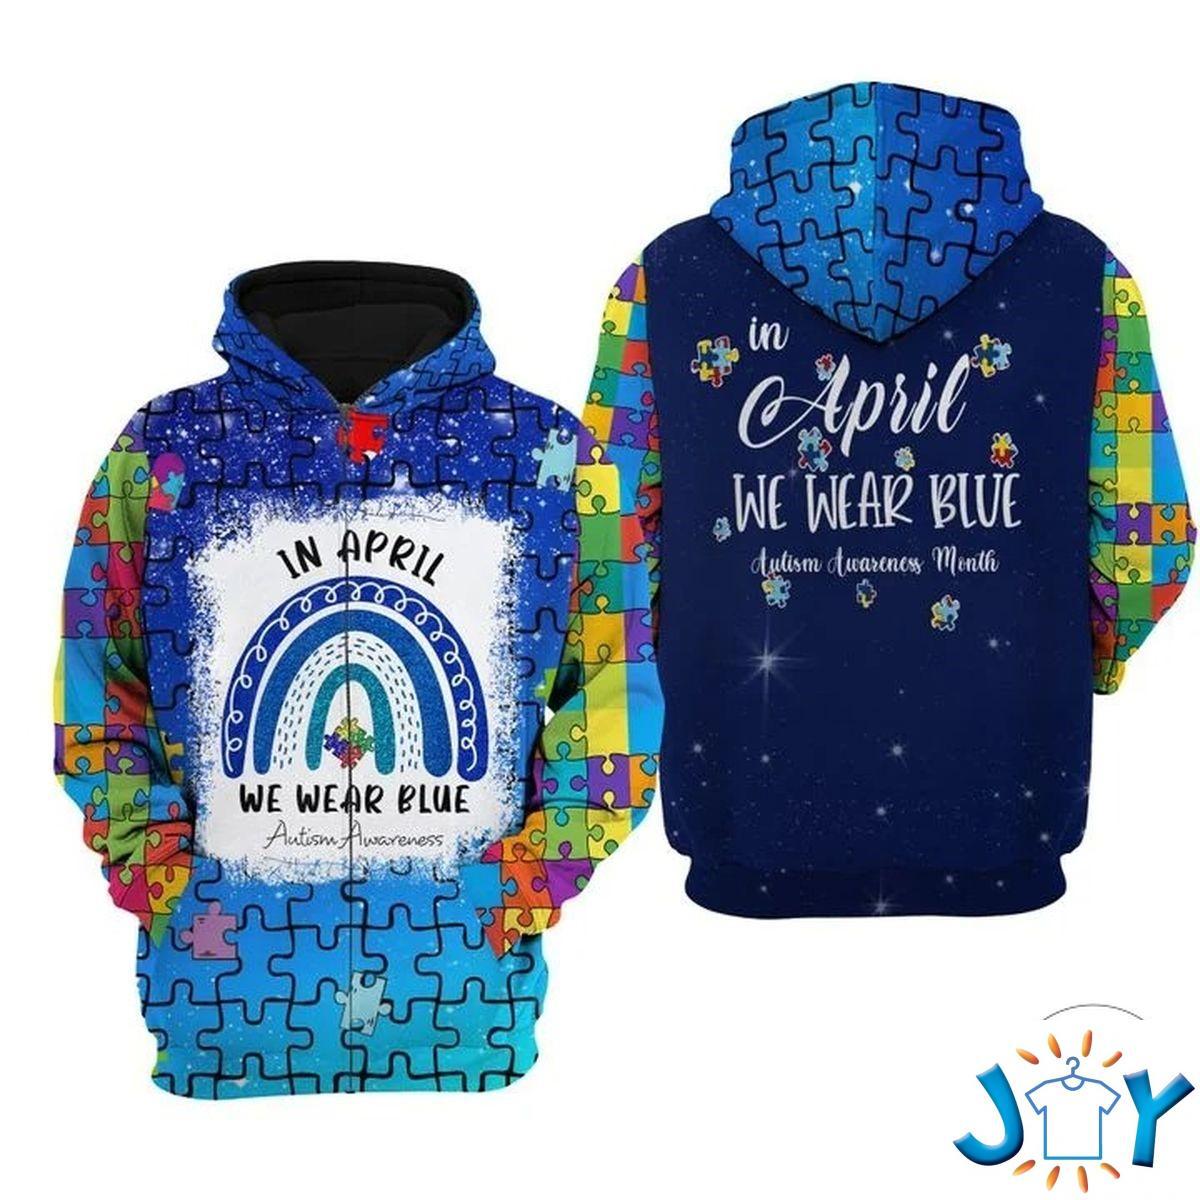 In april we wear blue Autism Awareness 3d zip up hoodie